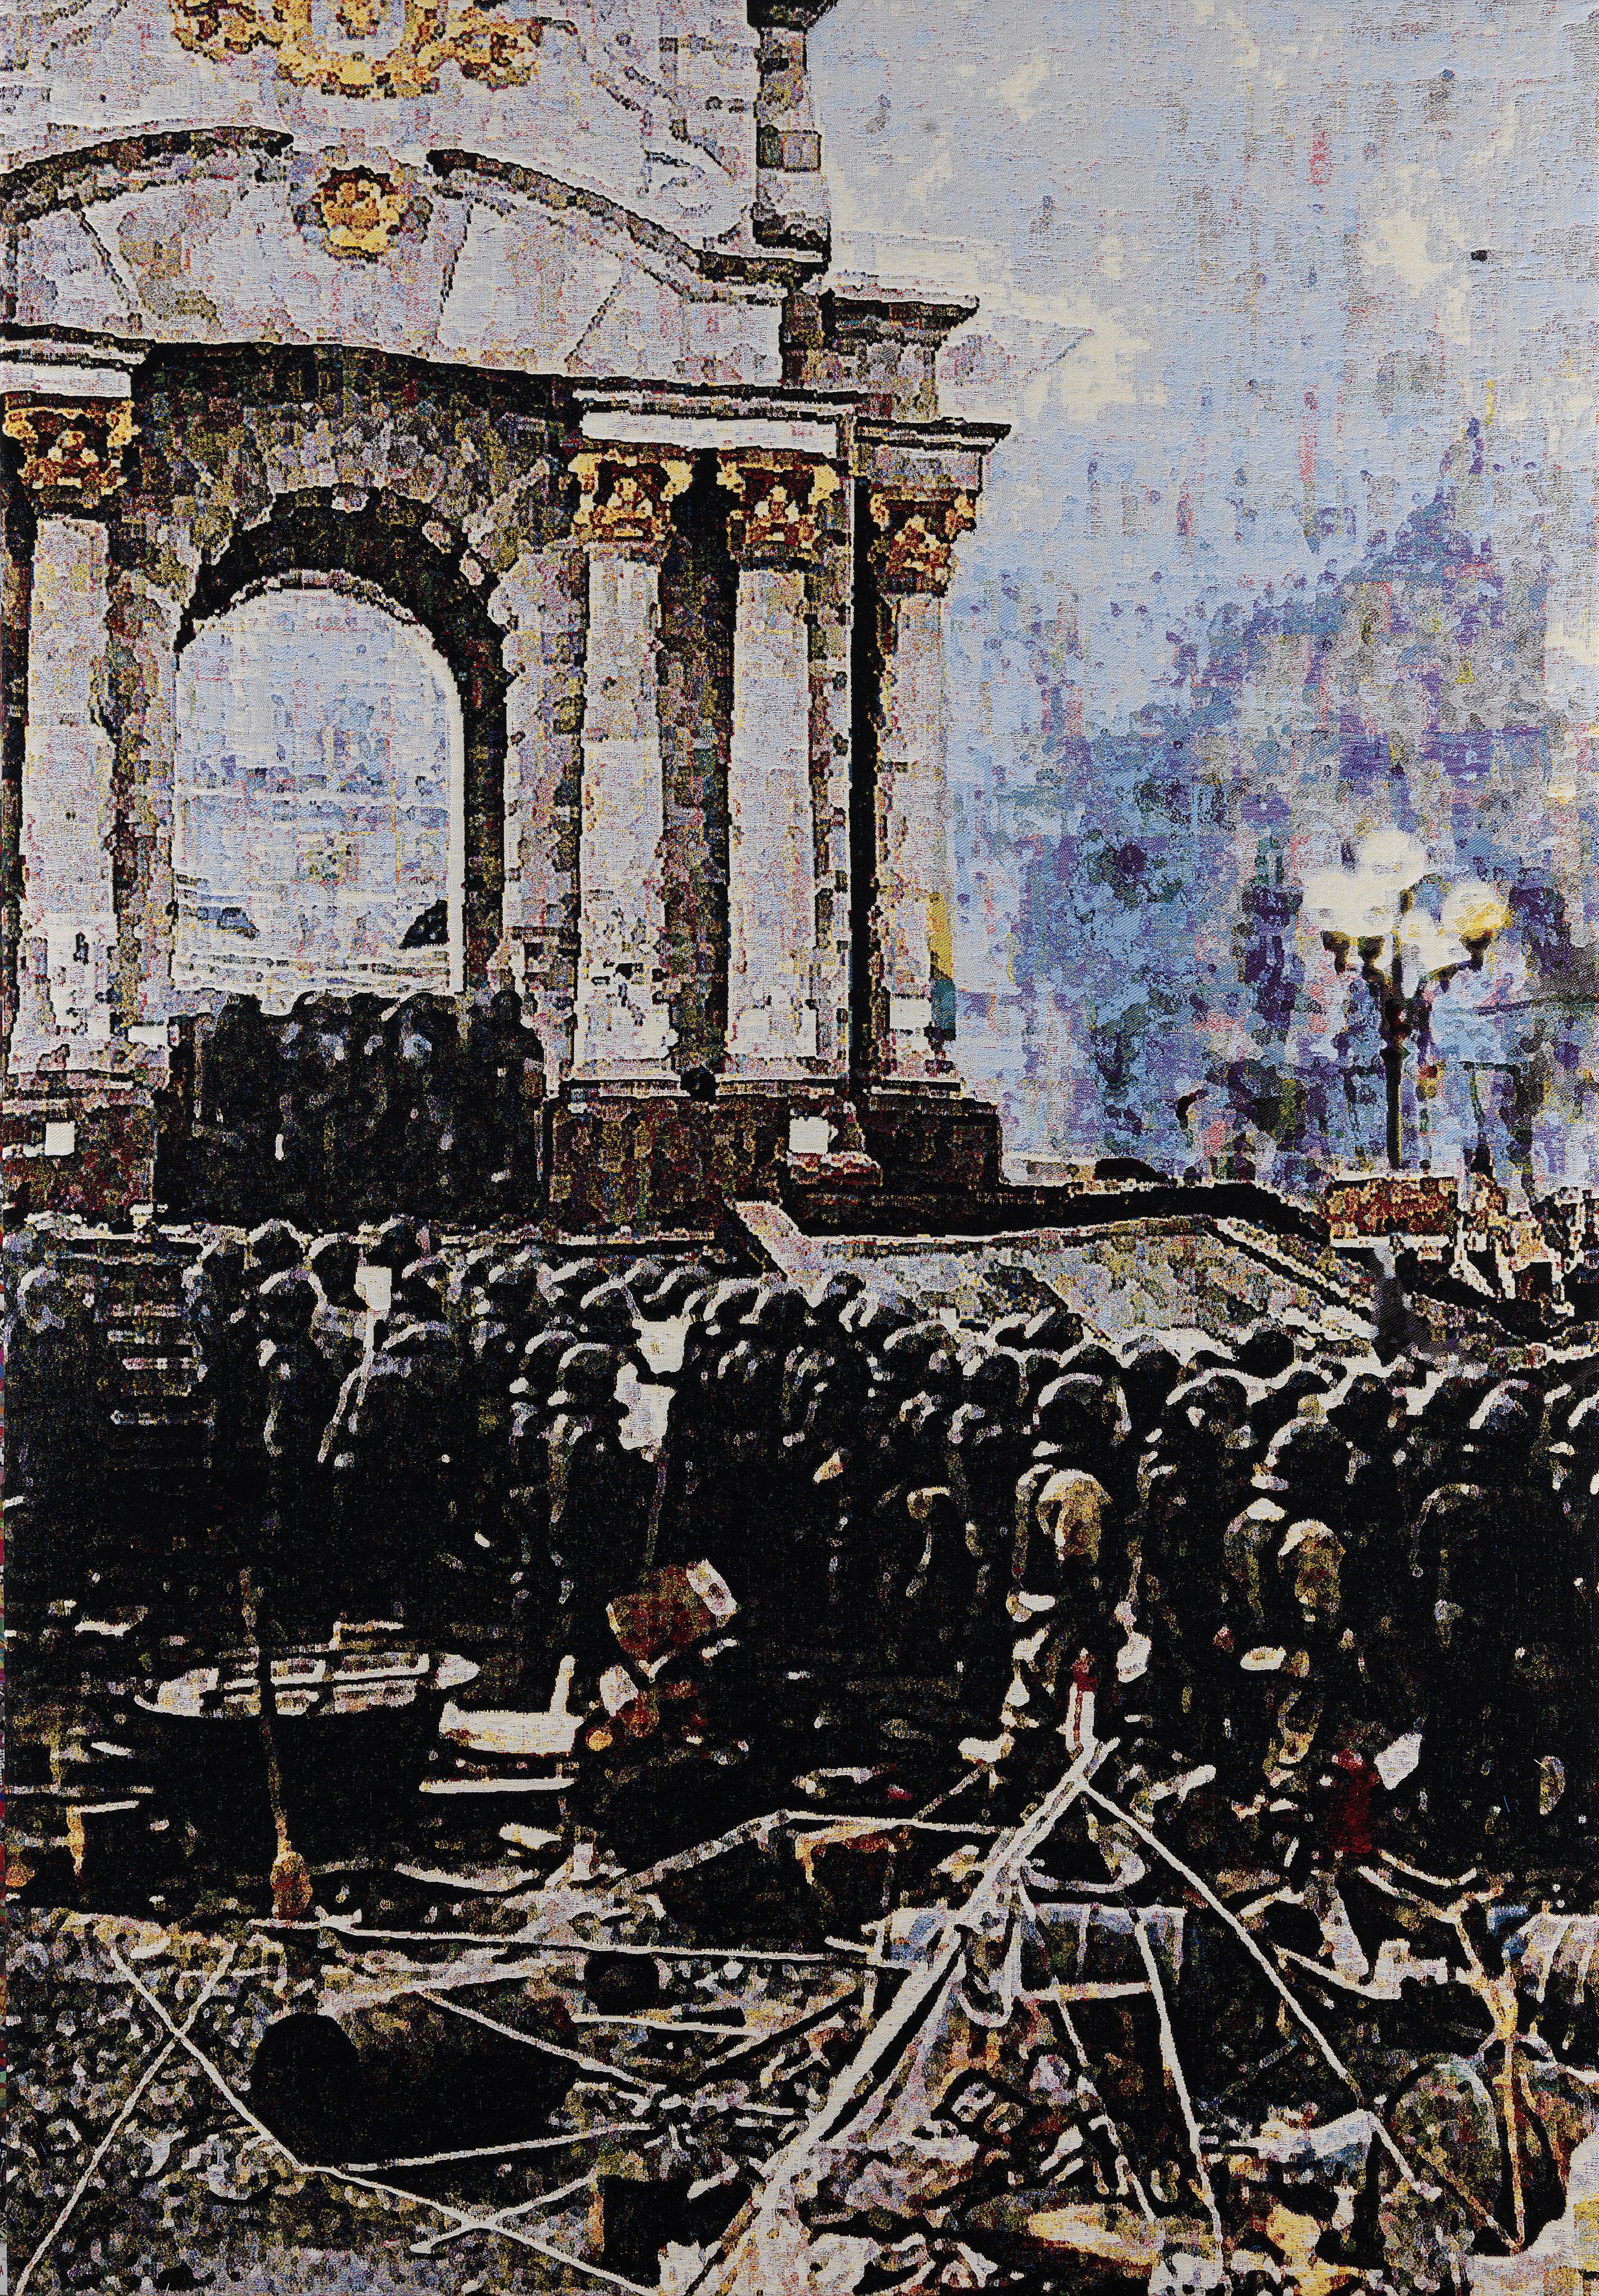 Faith 2014: Kiev, Jacquard woven, 205 x 148 cm